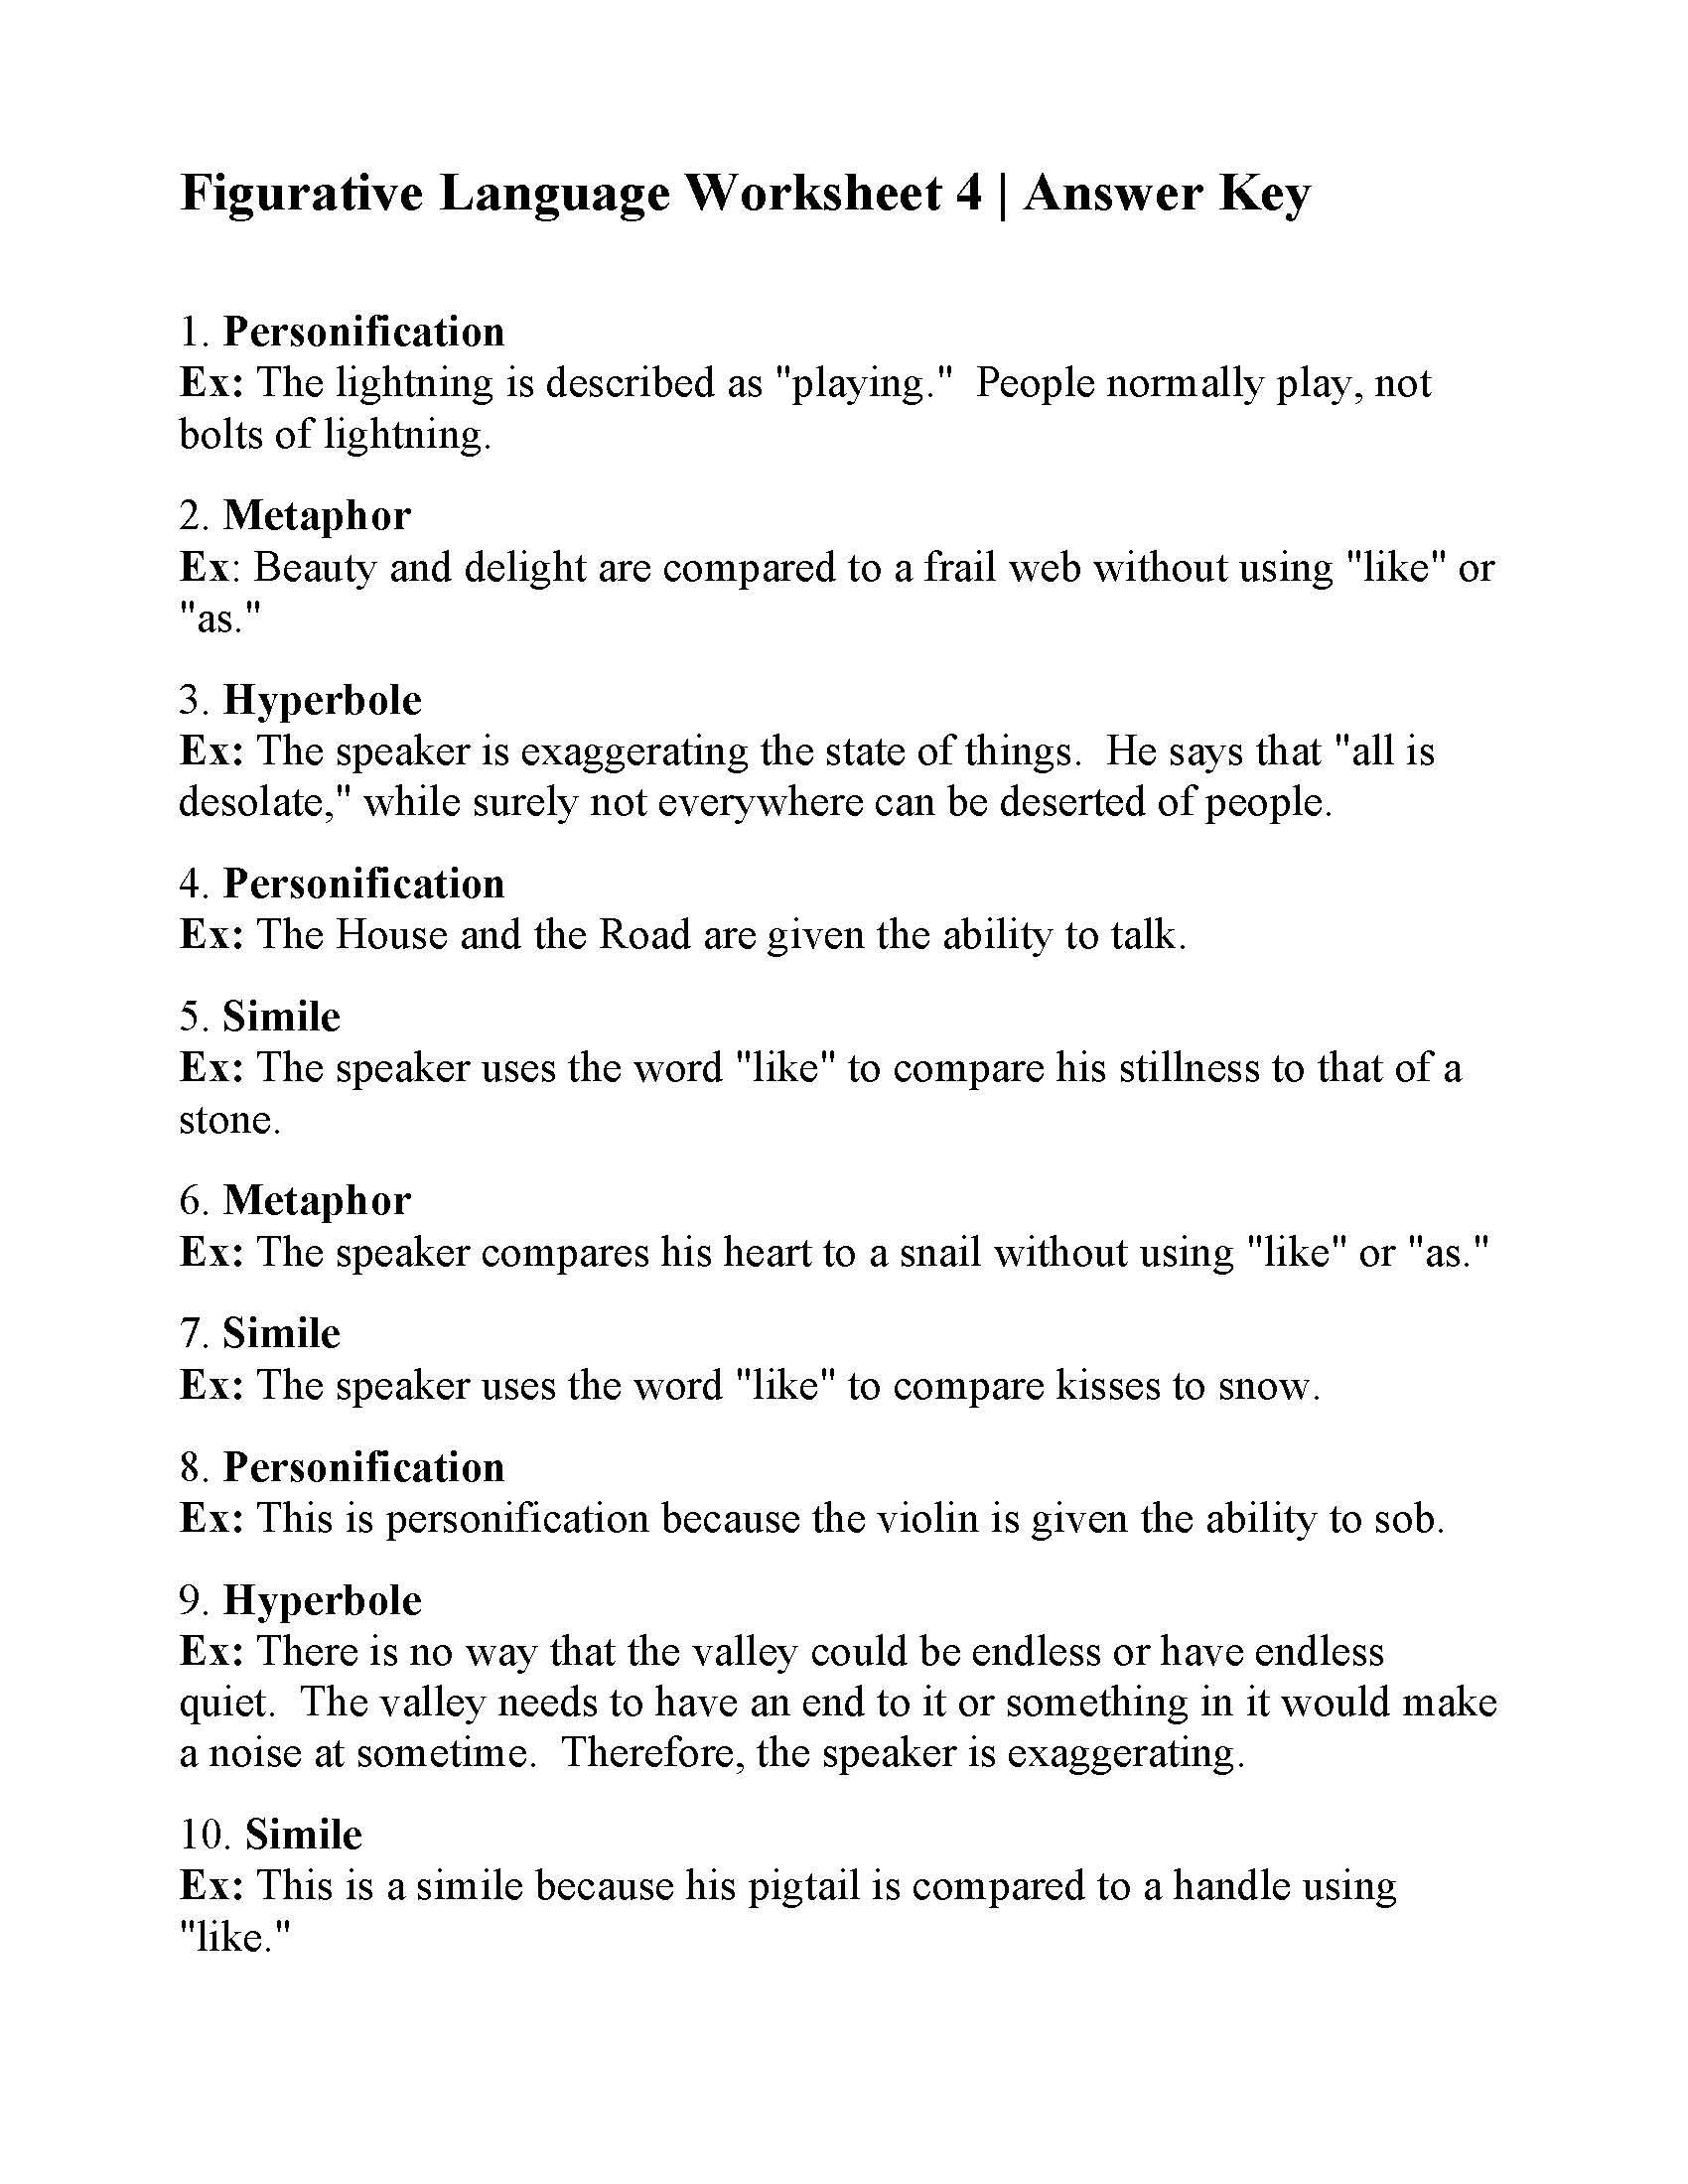 Figurative Language Worksheet 1